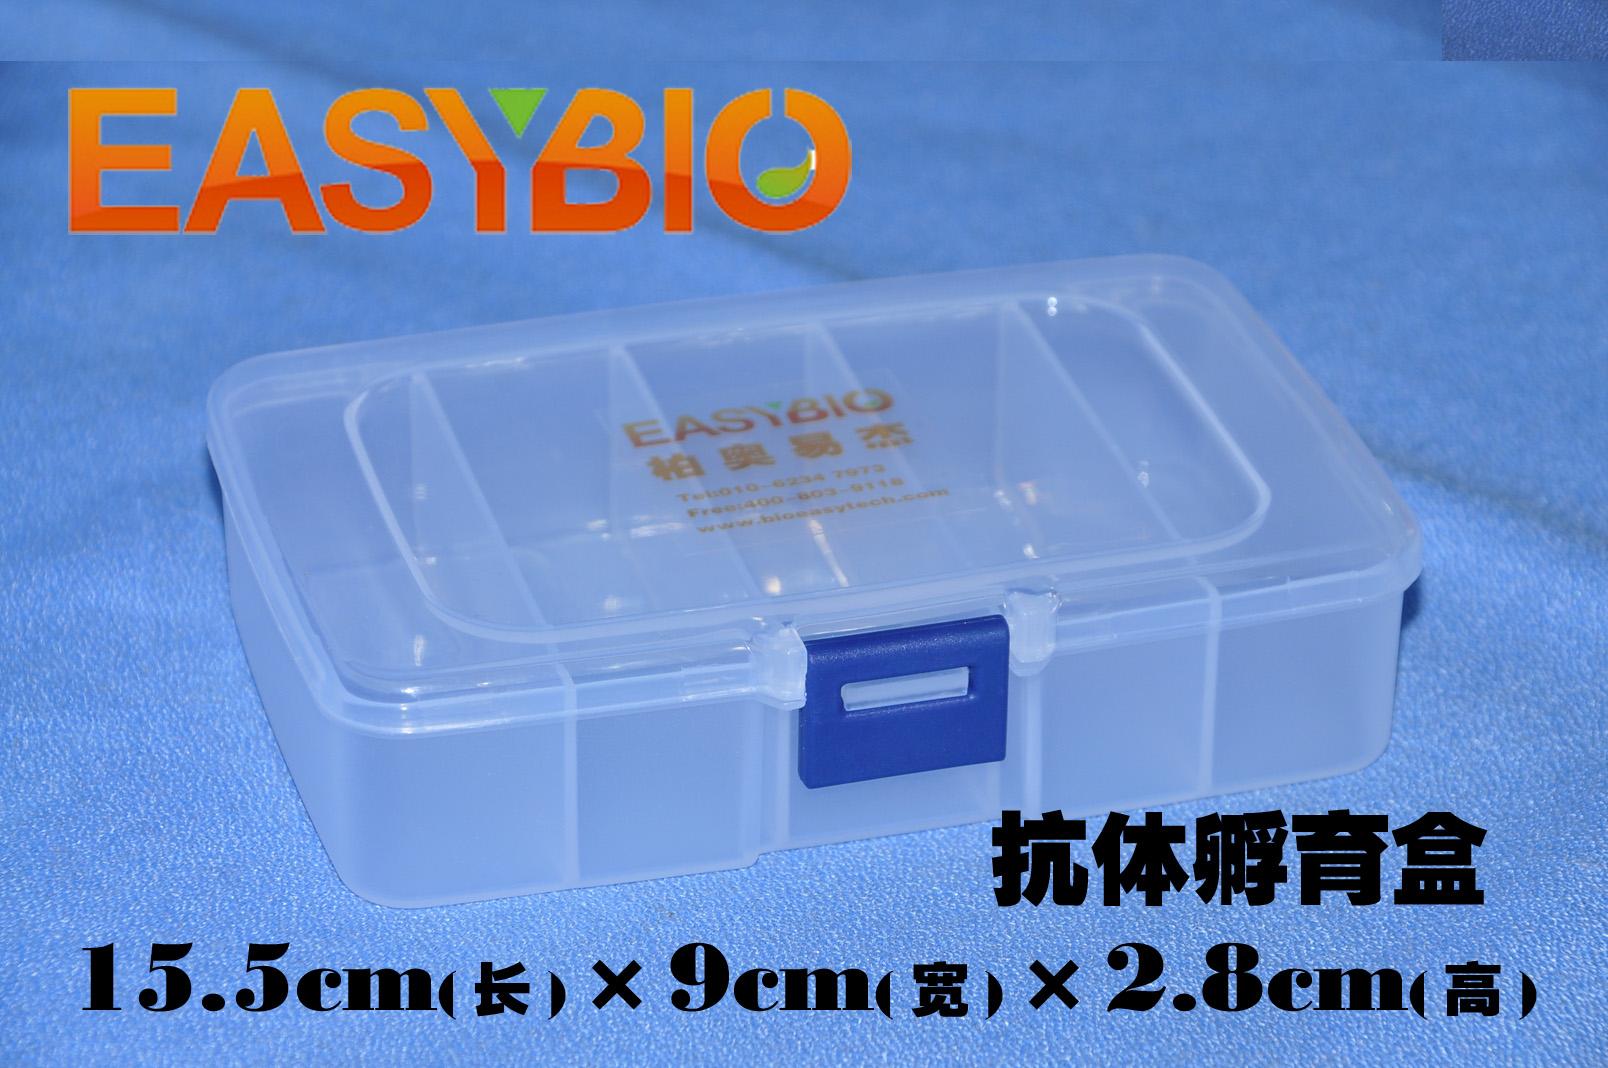 柏奥易杰 中5格 western blot抗体孵育盒